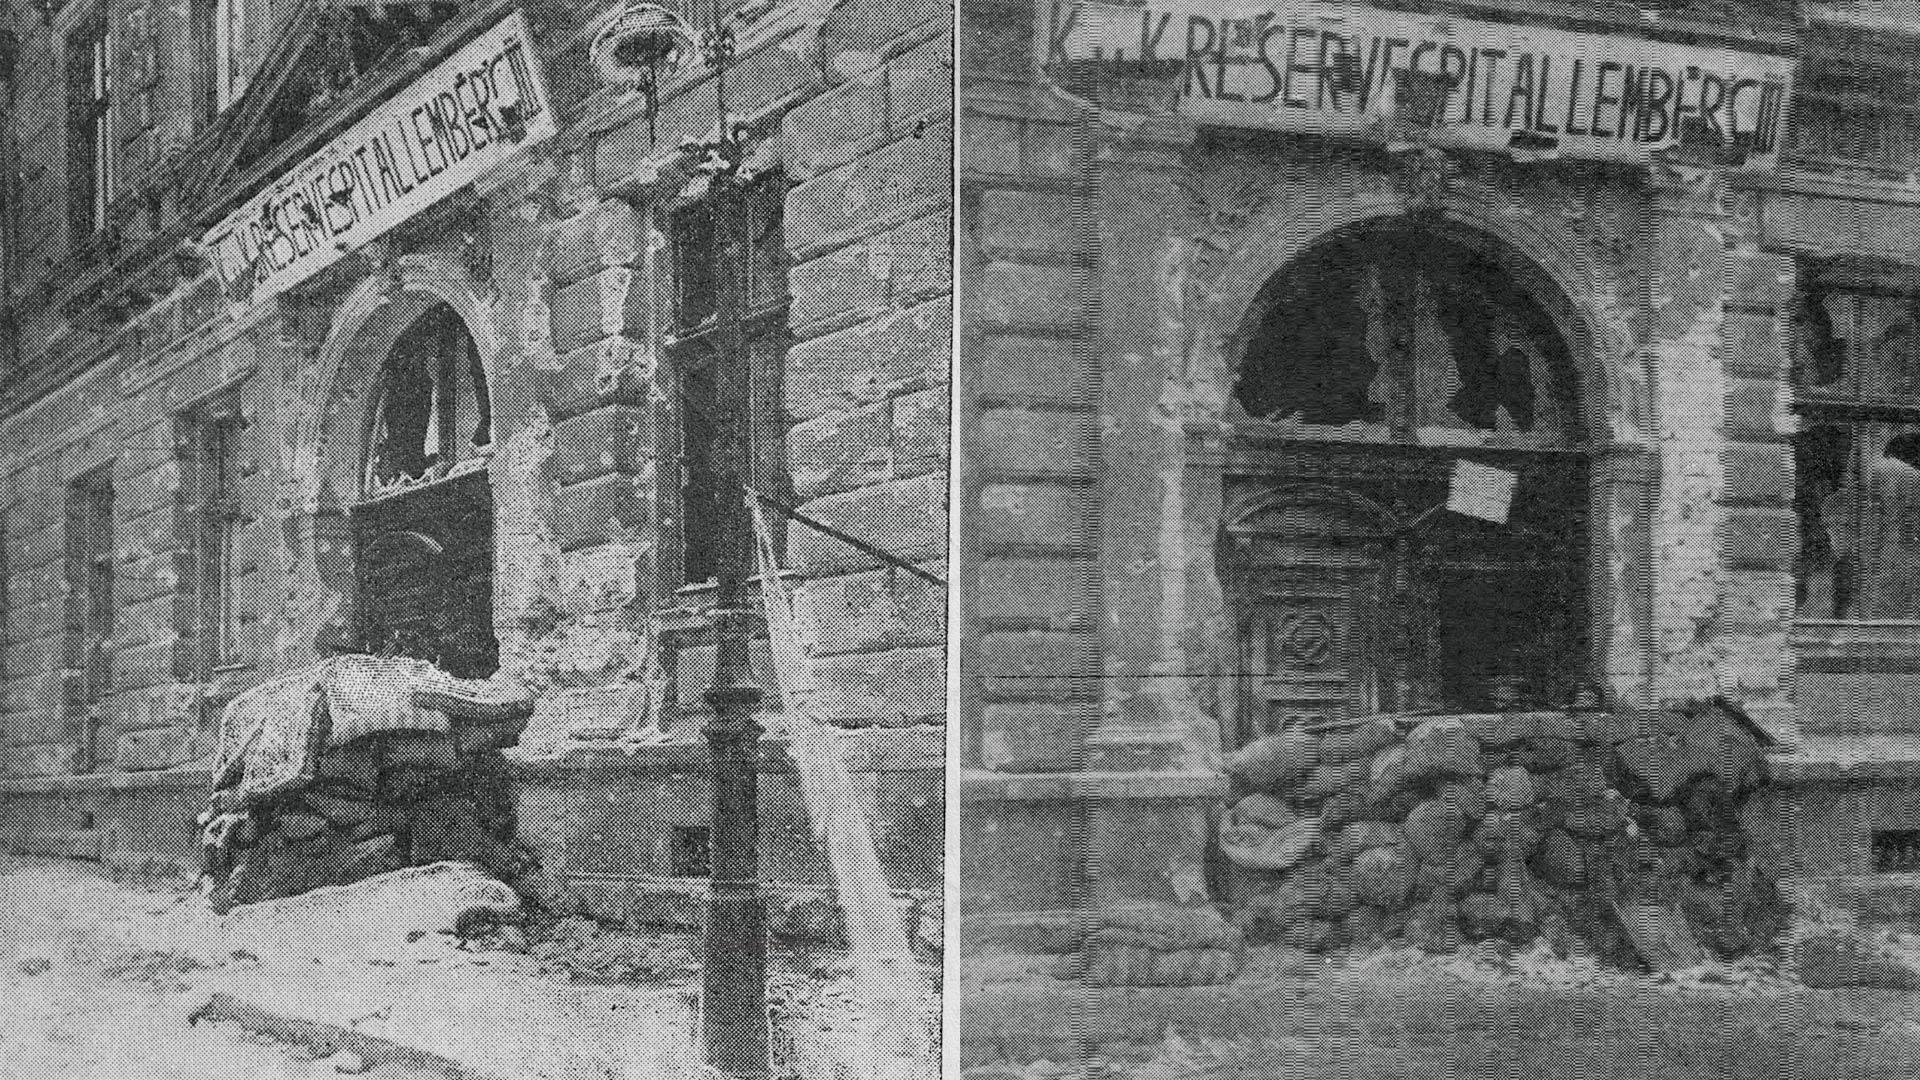 Seminarium Duchowne od strony ul. Kopernika, Reduta Piłsudskiego, 22 listopada 1918